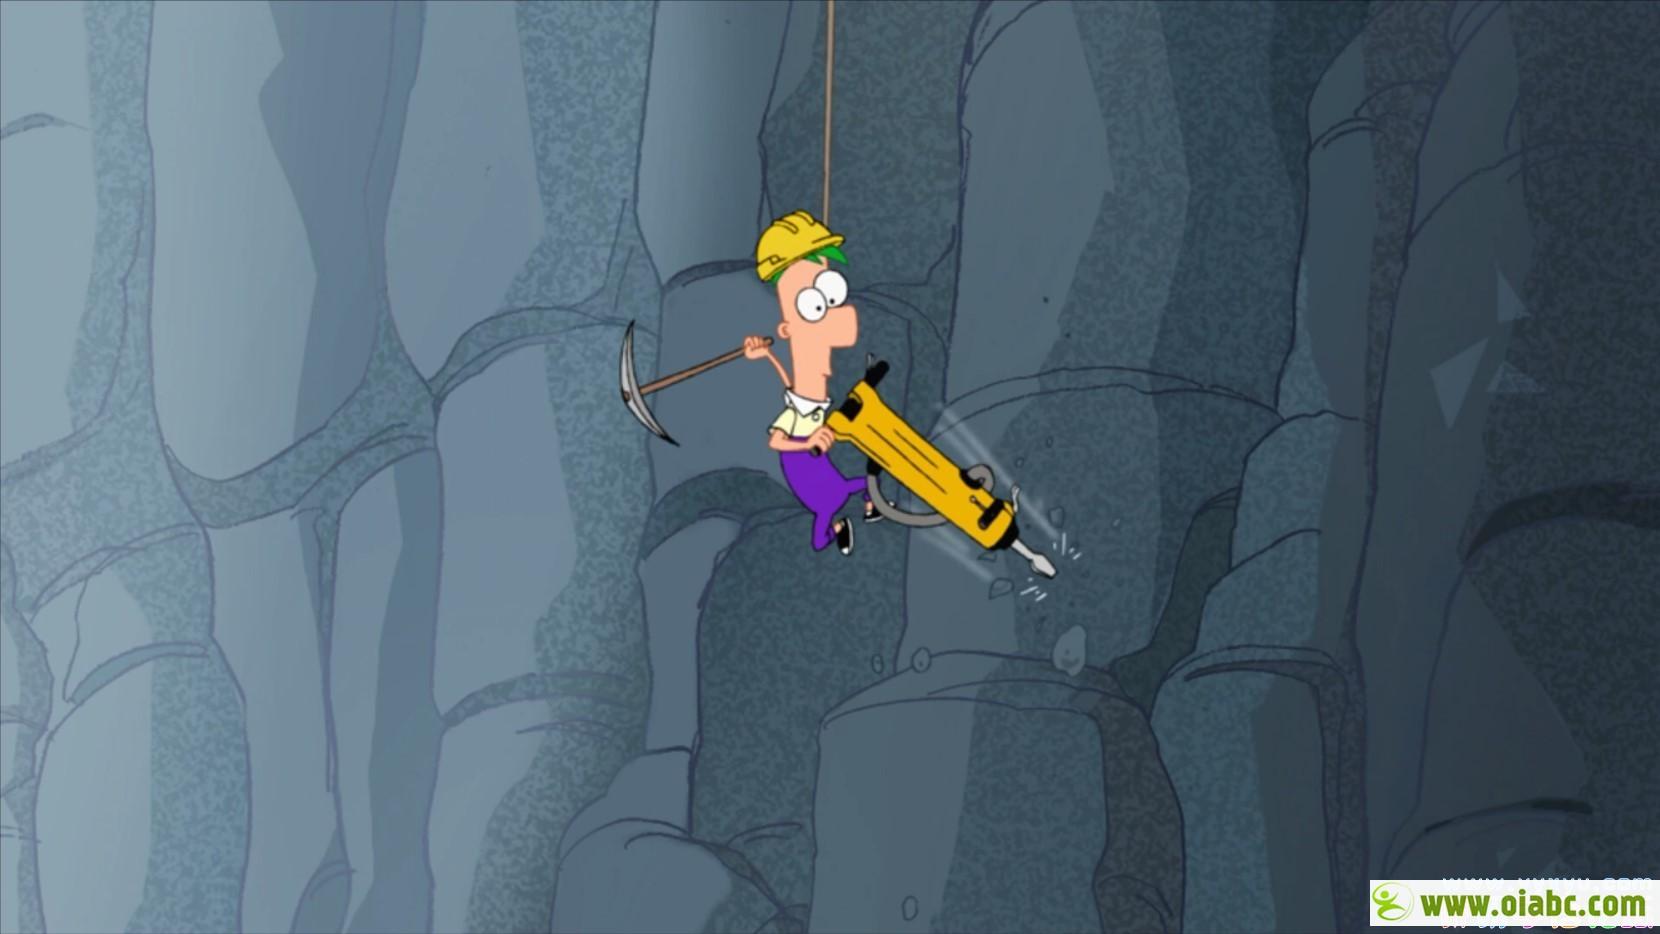 迪斯尼动画飞哥与小佛动画片 Phineas and Ferb 第1-4季 英文版超清1080P